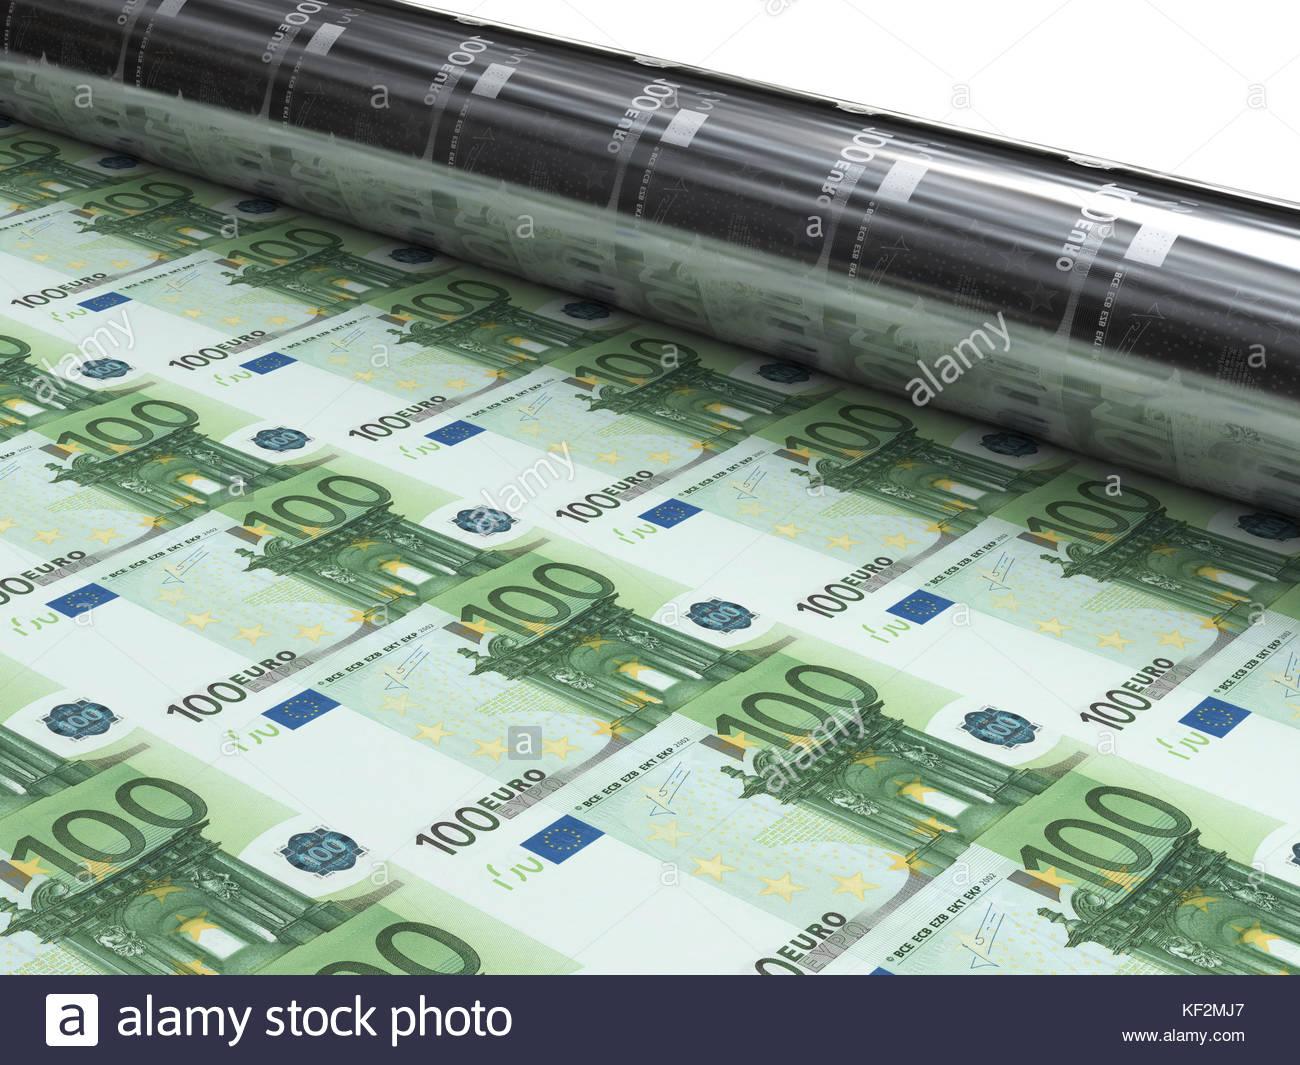 New Euro Banknotes Photos & New Euro Banknotes Images - Alamy intérieur Billet De 5 Euros À Imprimer